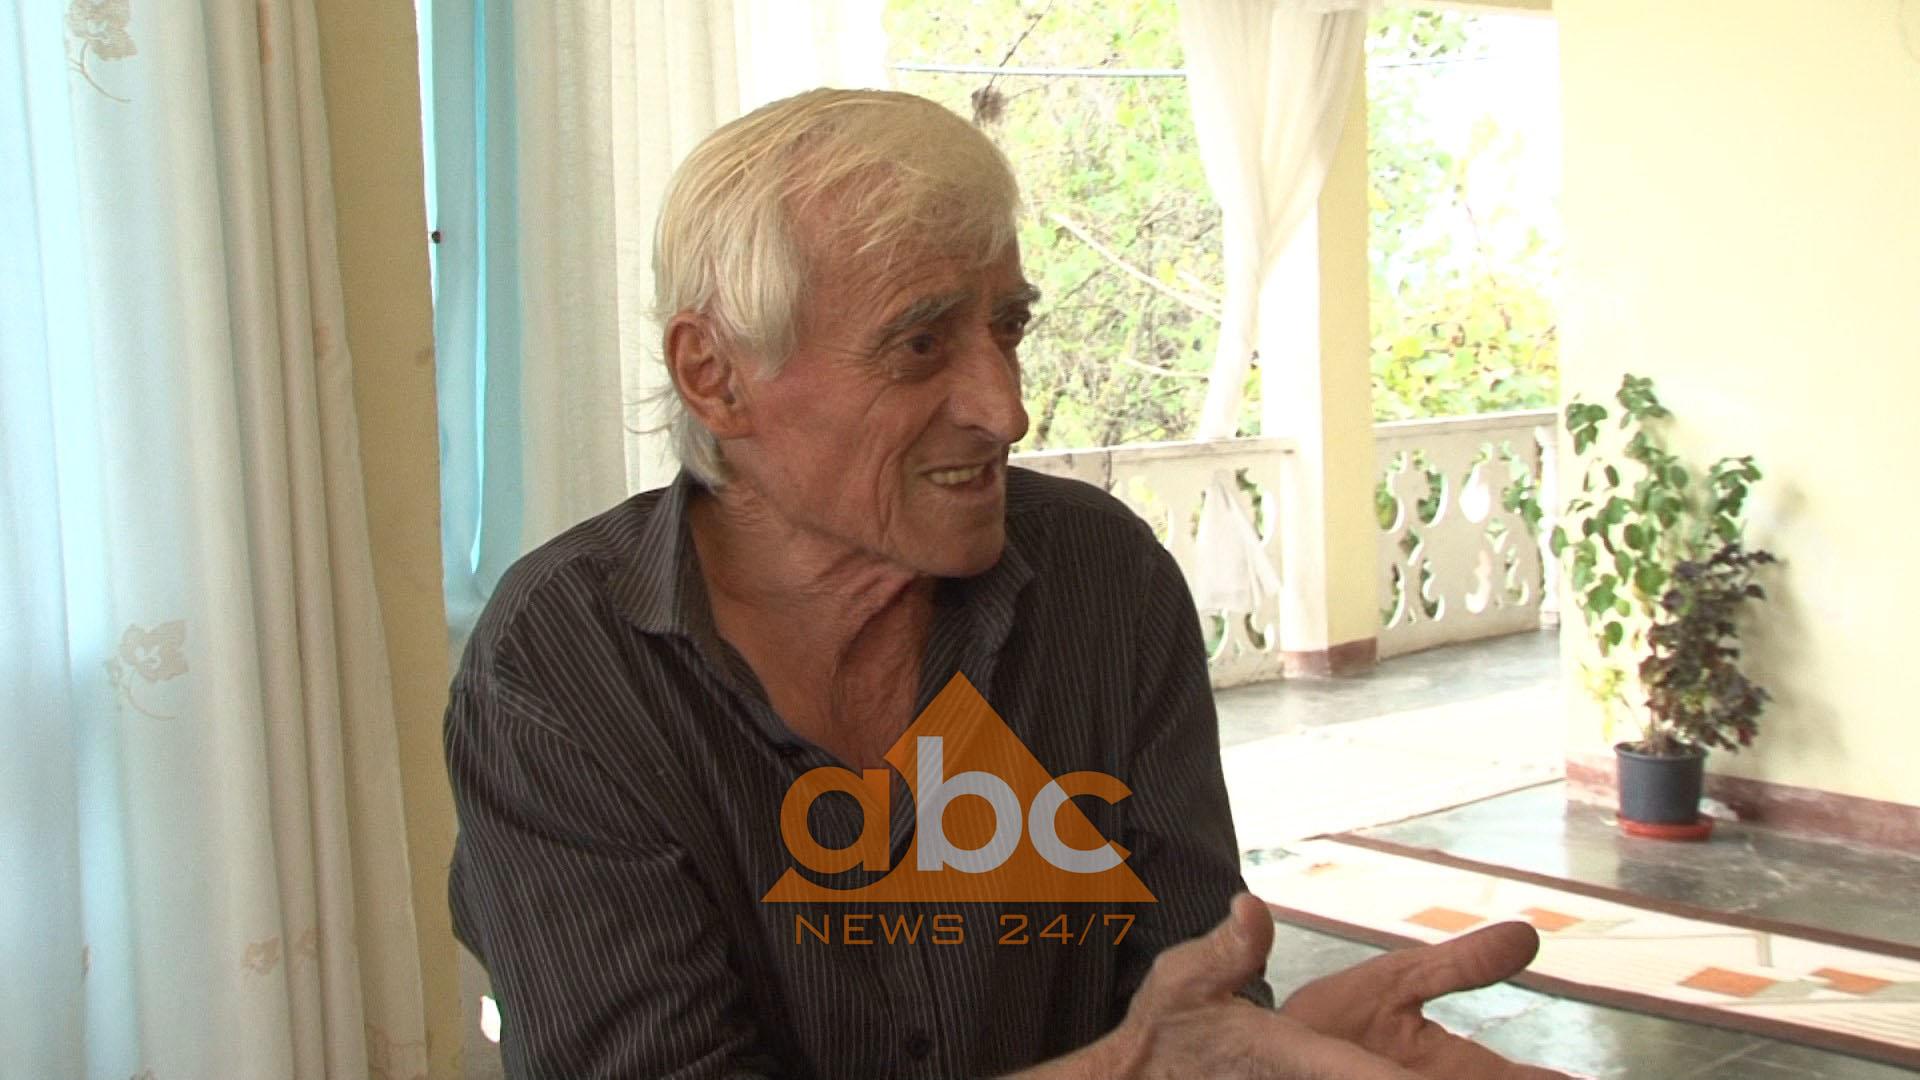 Gjyshi i Xhisielës për ABC News: Shpresoj që një ditë dy të rinjtë të martohen